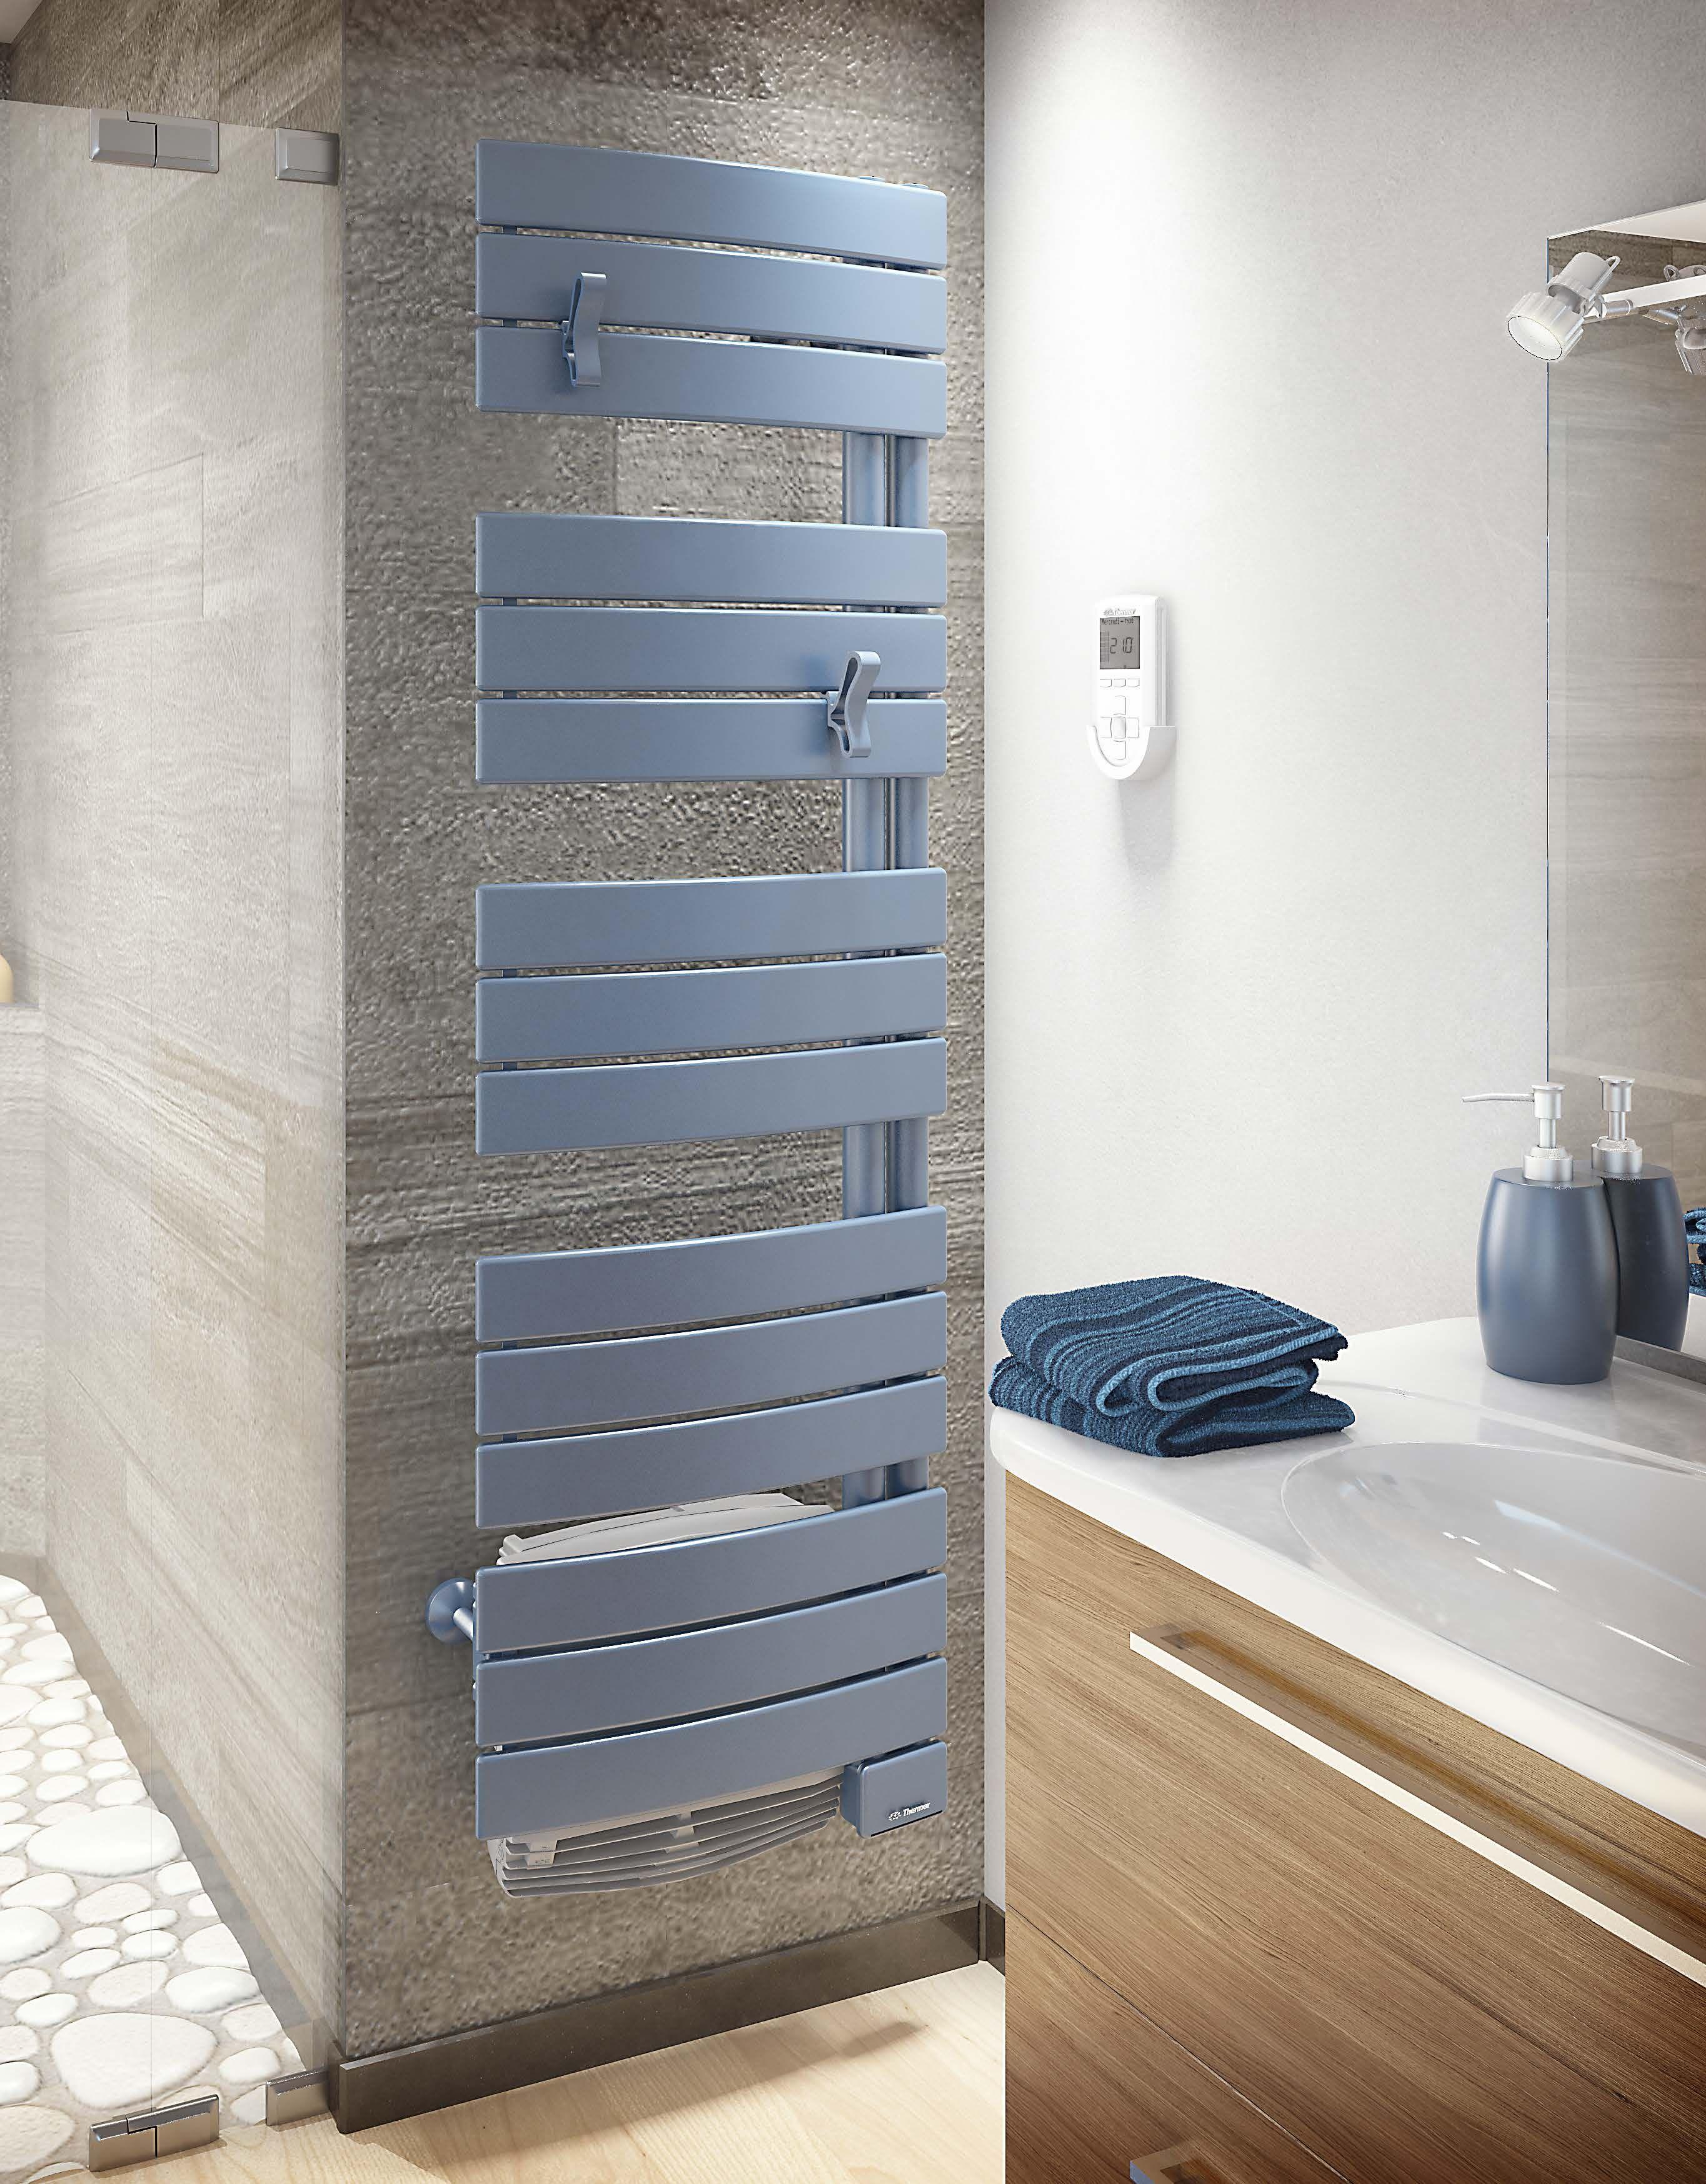 les 25 meilleures id es de la cat gorie radiateur seche serviette electrique sur pinterest. Black Bedroom Furniture Sets. Home Design Ideas